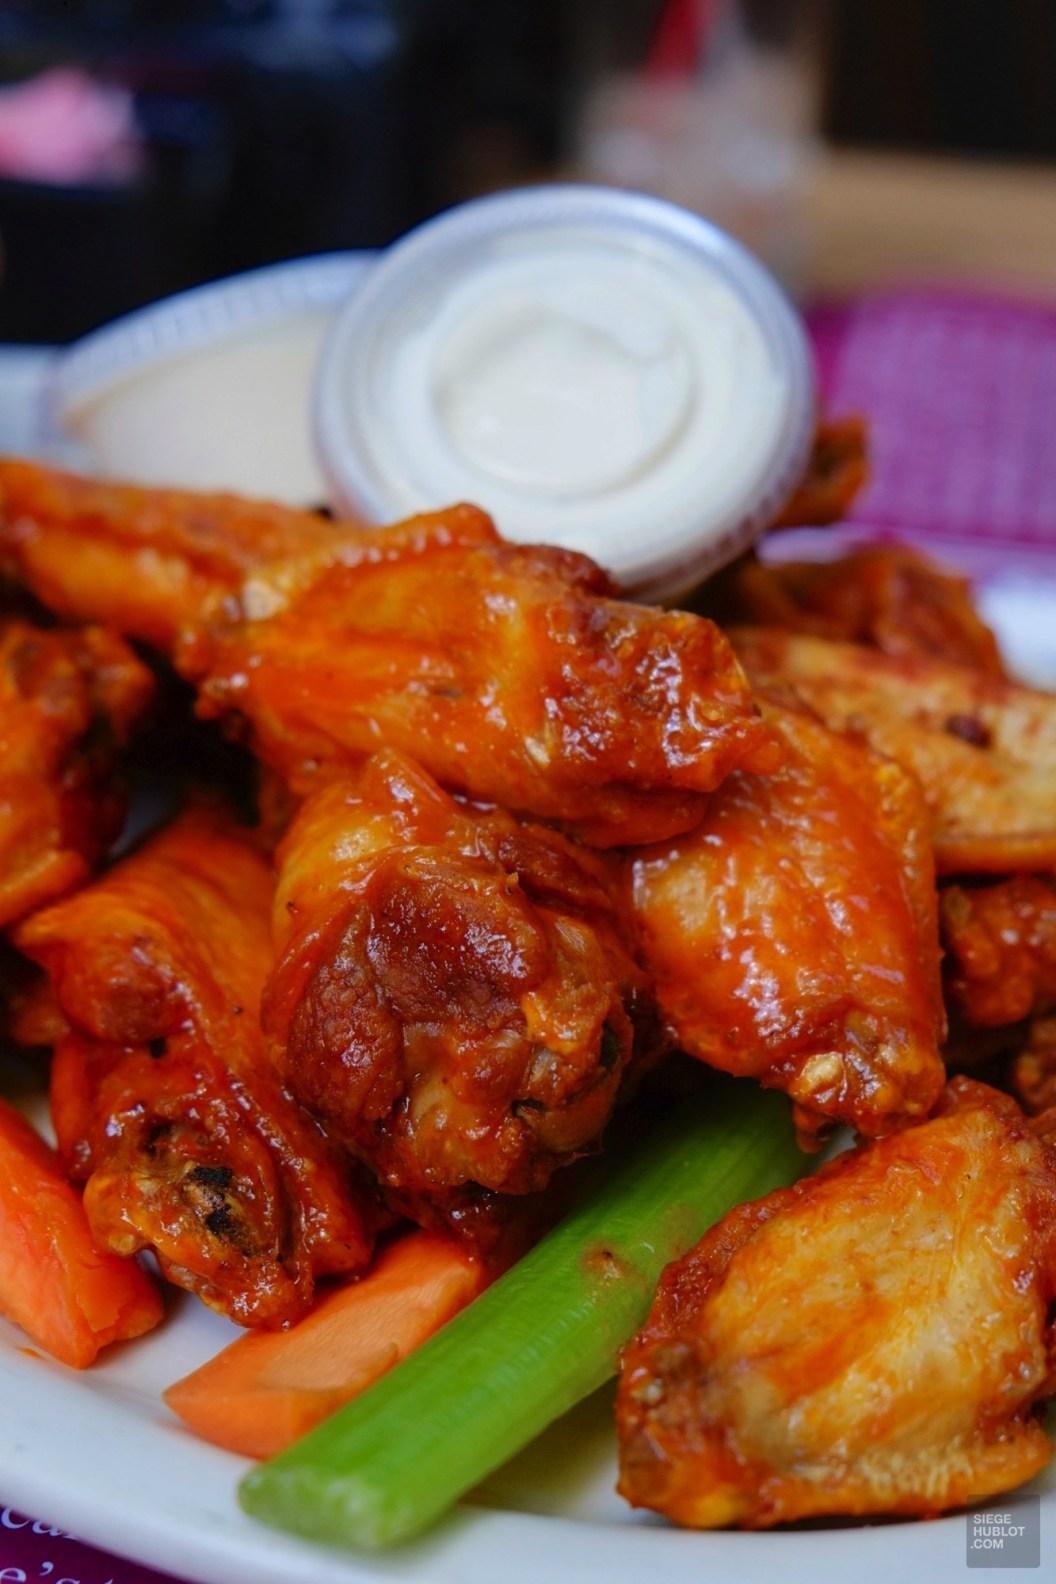 Les fameuses ailes de poulet, Buffalo chicken wings - Fromage bleu s'il vous plaît! - Road trip en Ontario - Amérique du Nord, Canada